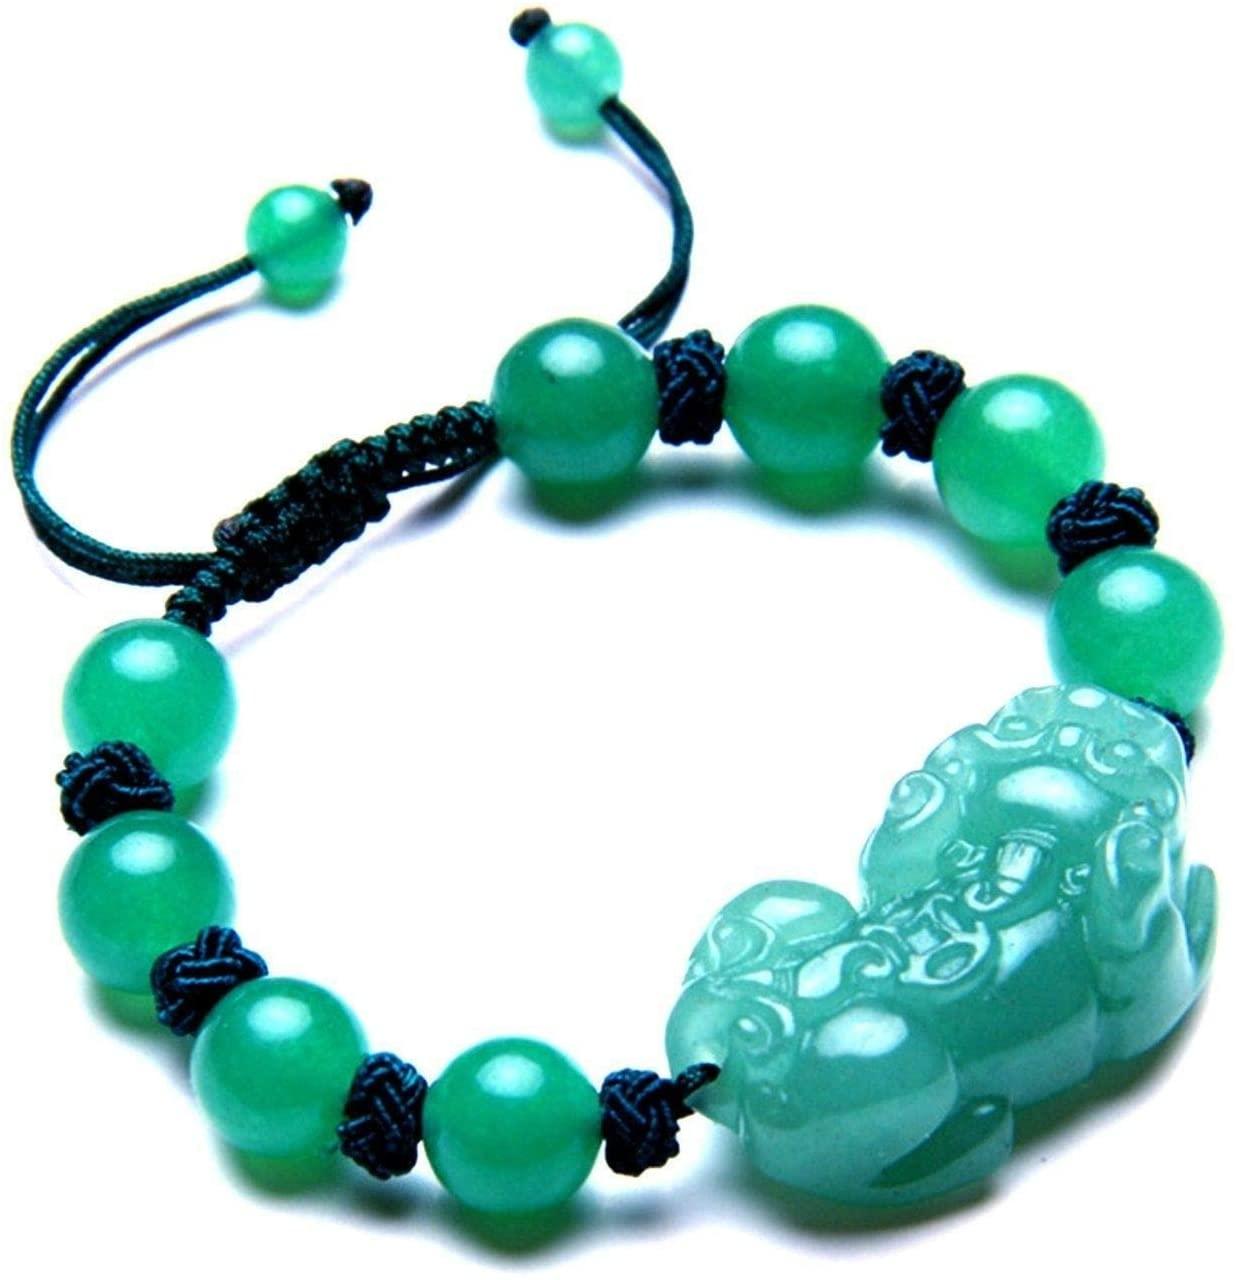 Feng Shui Handmade Green Aventurin Beads with Pi Yao/Pi Xiu Bracelet for Wealth